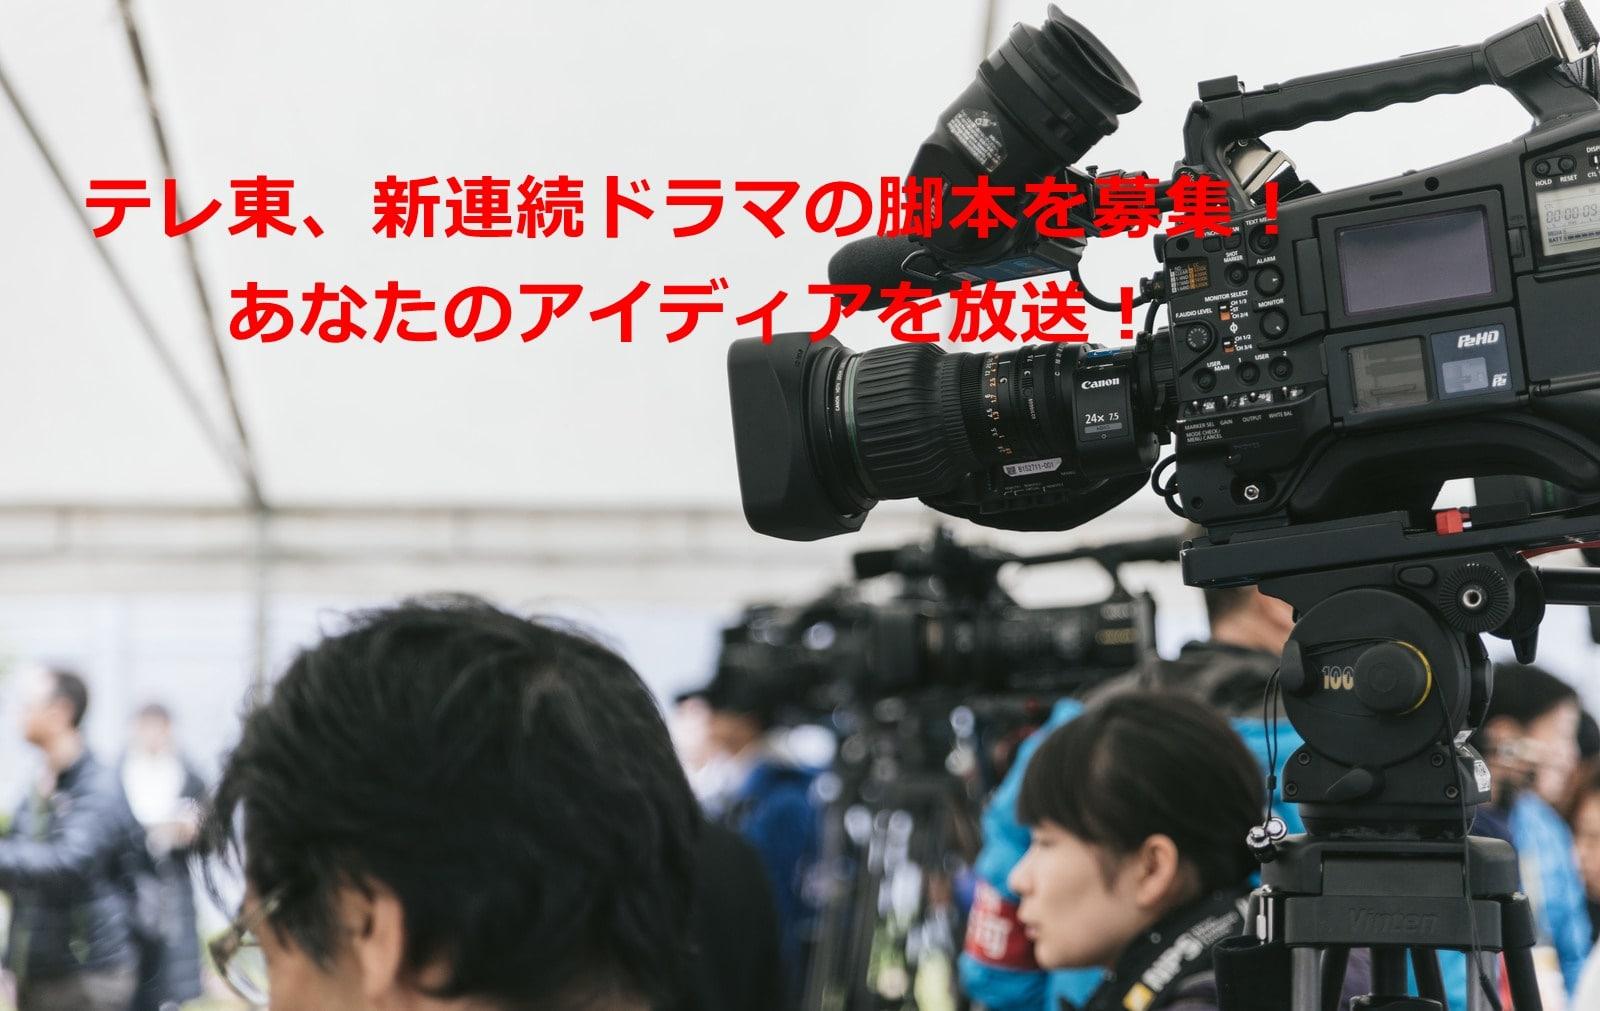 テレ東、新連続ドラマの脚本を募集!あなたのアイディアを放送!